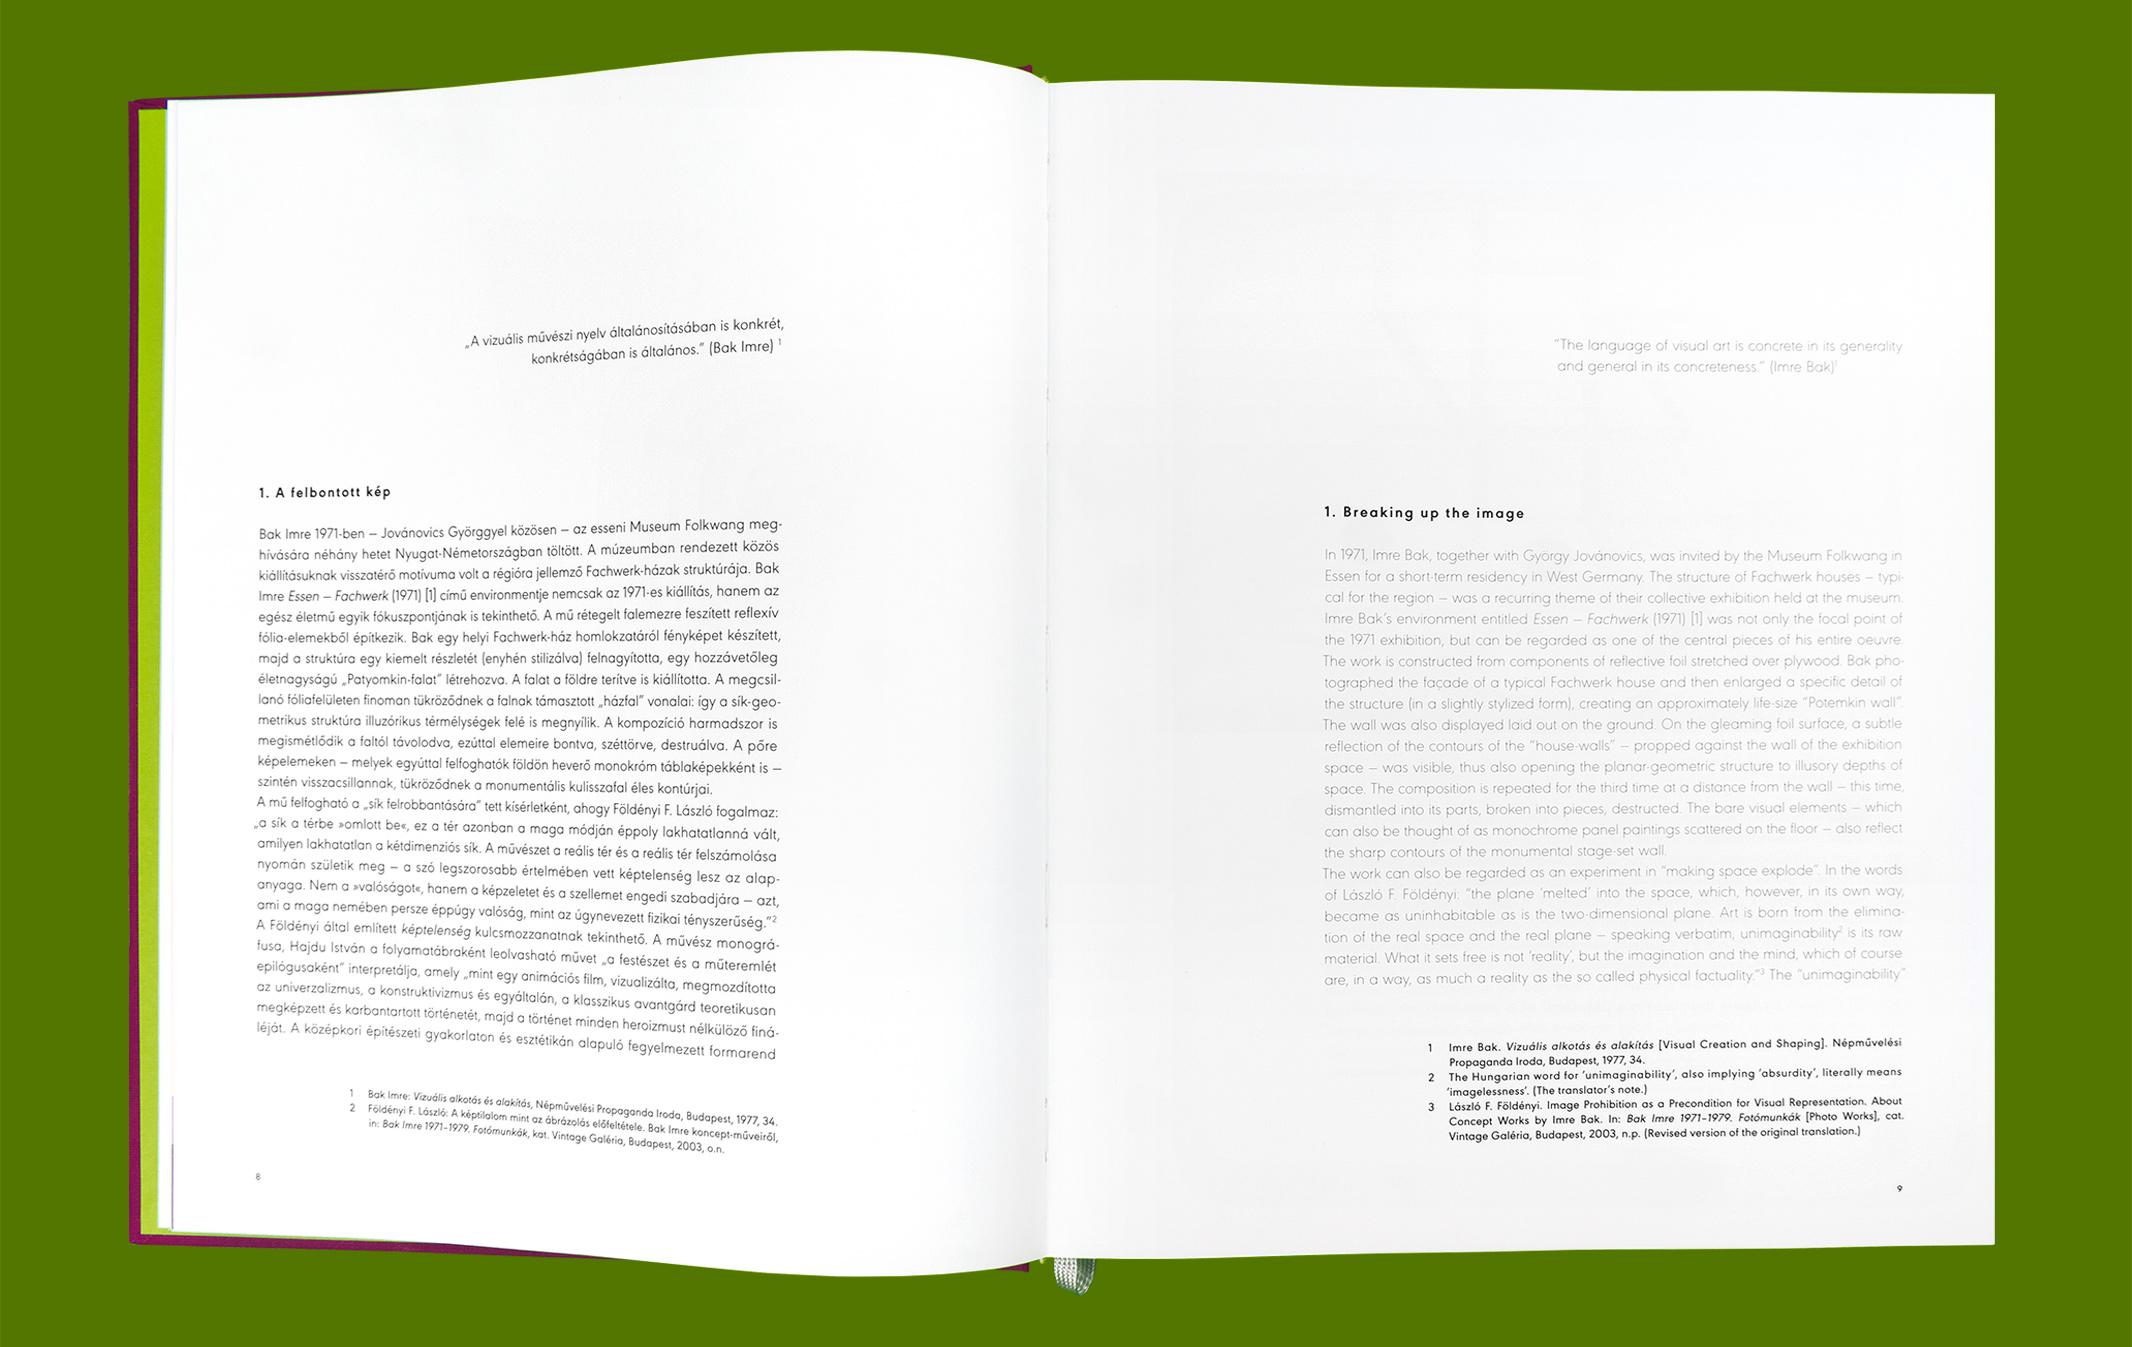 bak-imre-book-pages-32